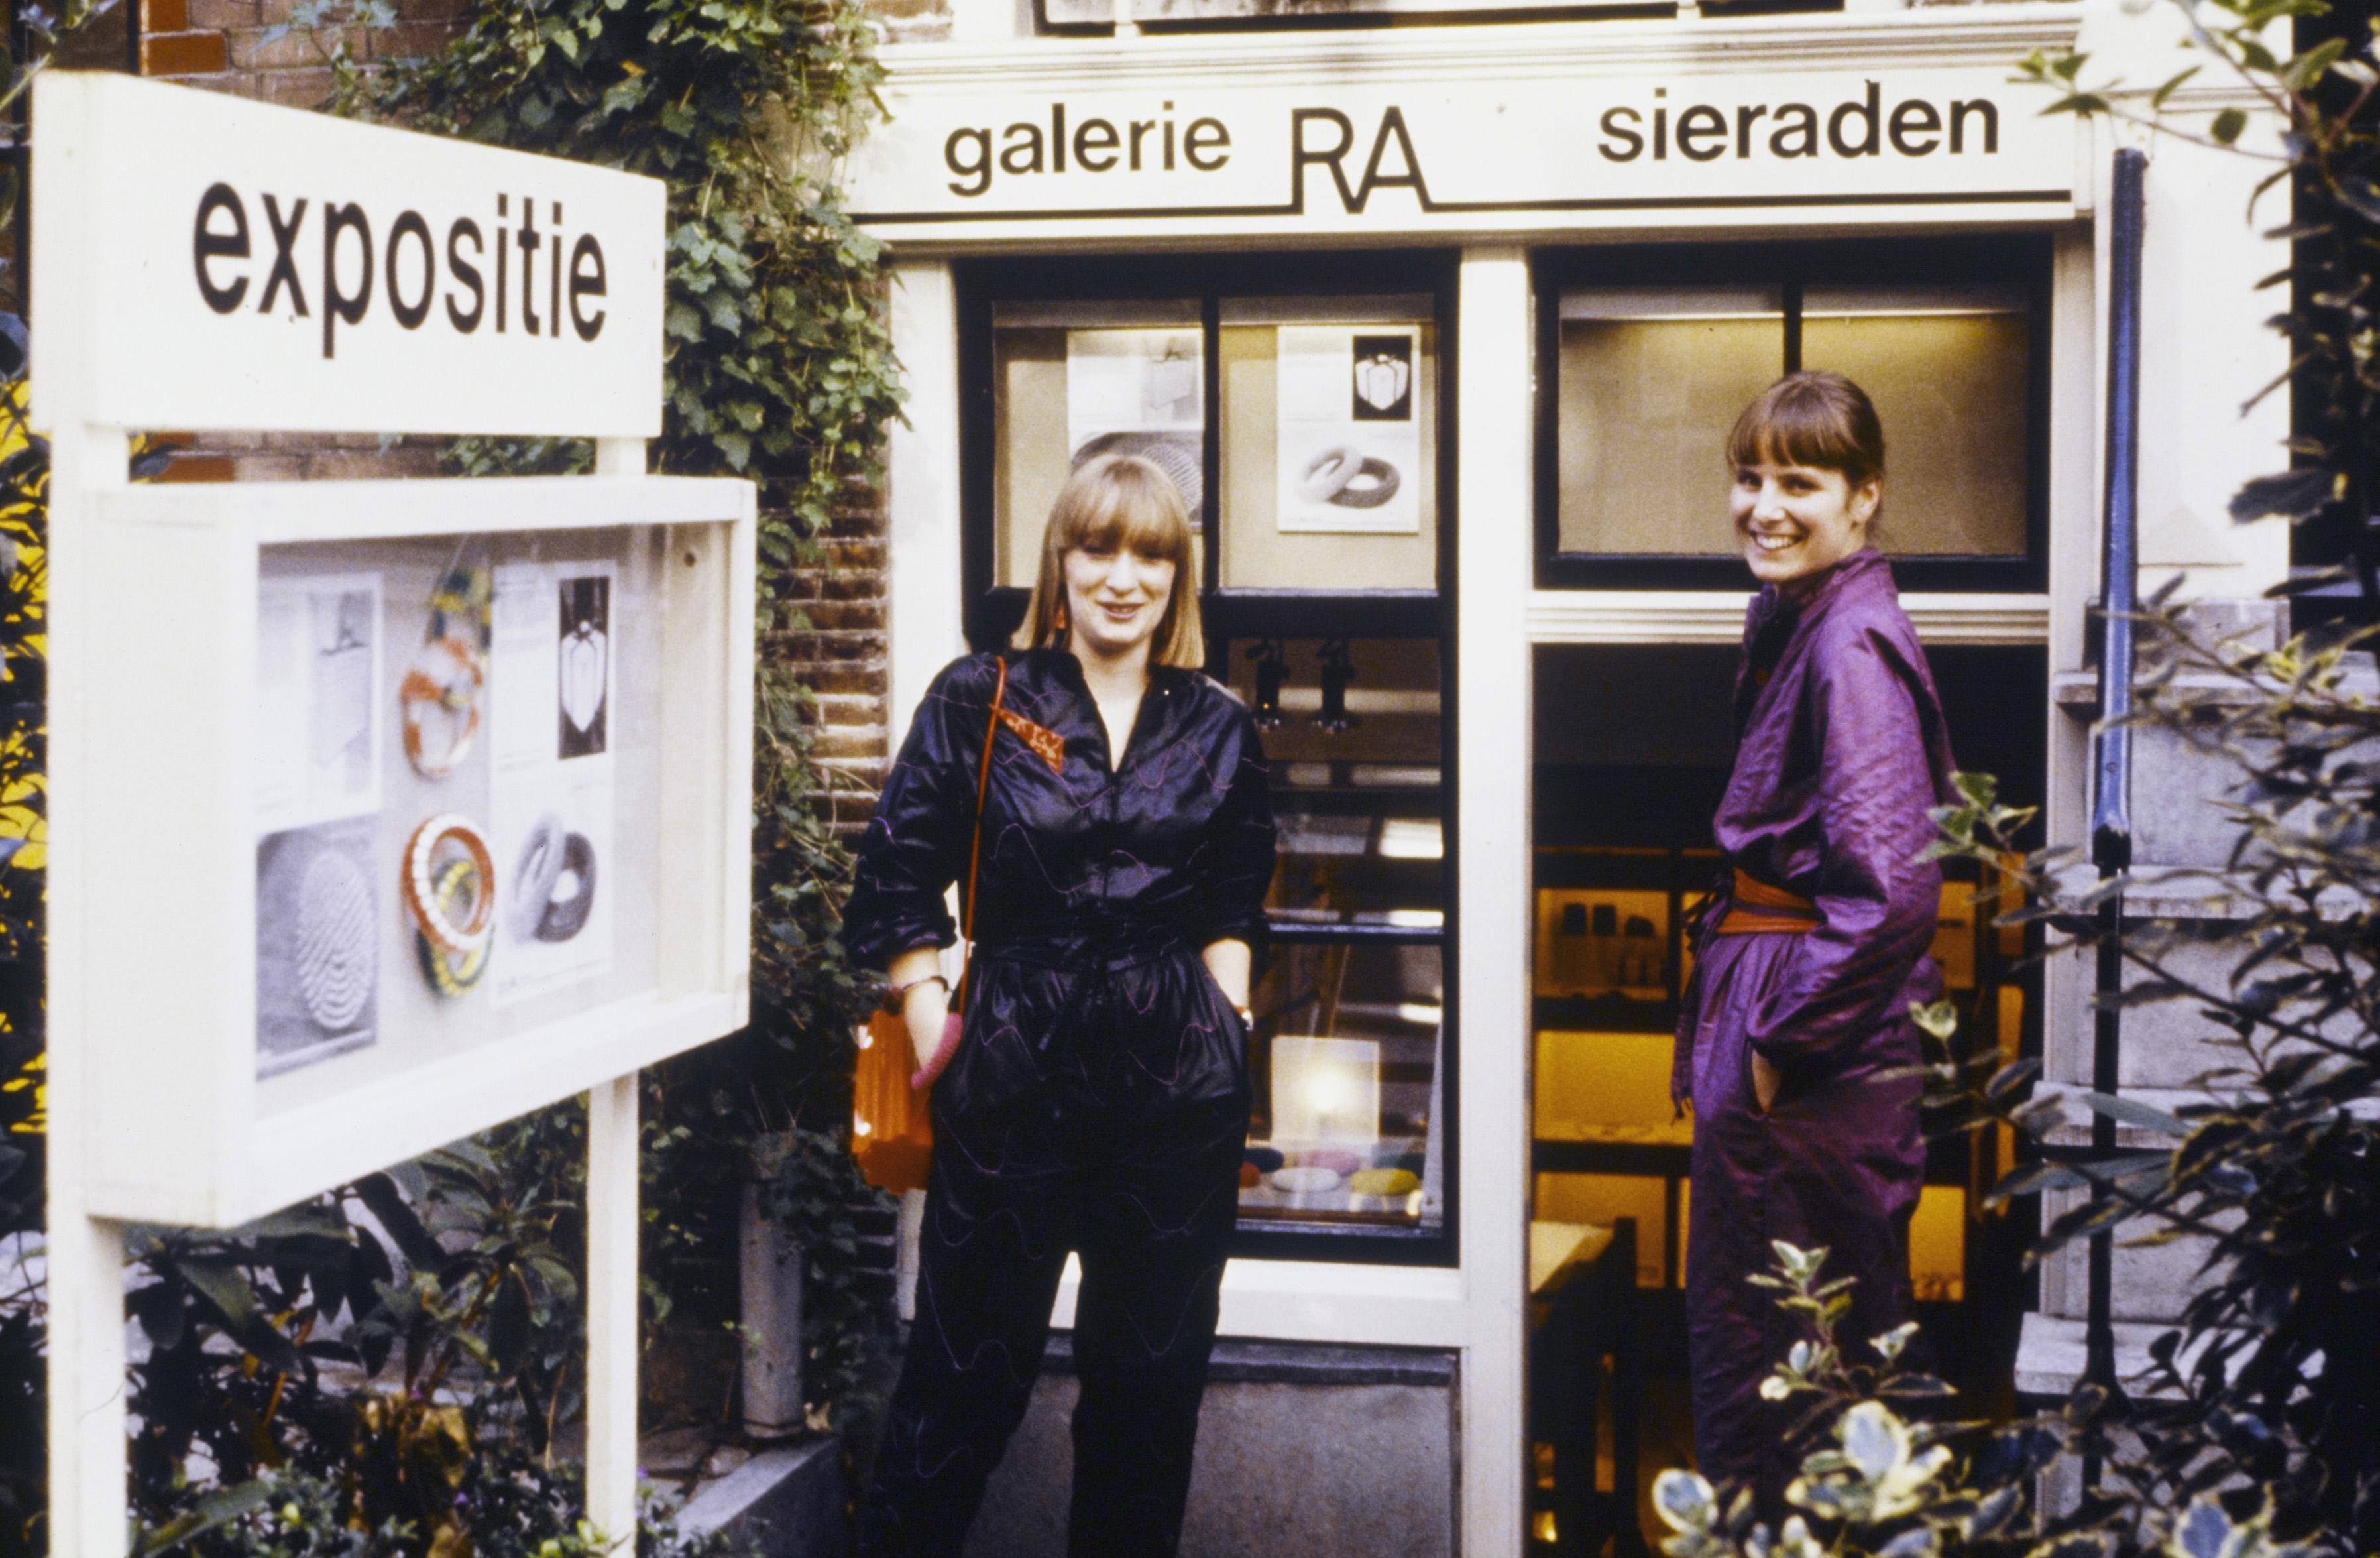 Galerie Ra, gevel Lange Leidsedwarsstraat 178, Marga Staartjes, Maria Hees, gevel, portret, Amsterdam